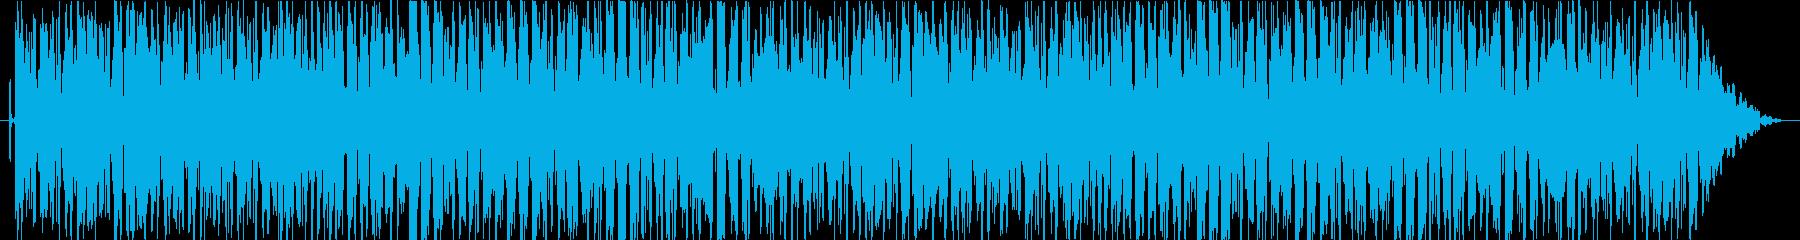 お正月イメージのシンプルな尺八ループ曲の再生済みの波形